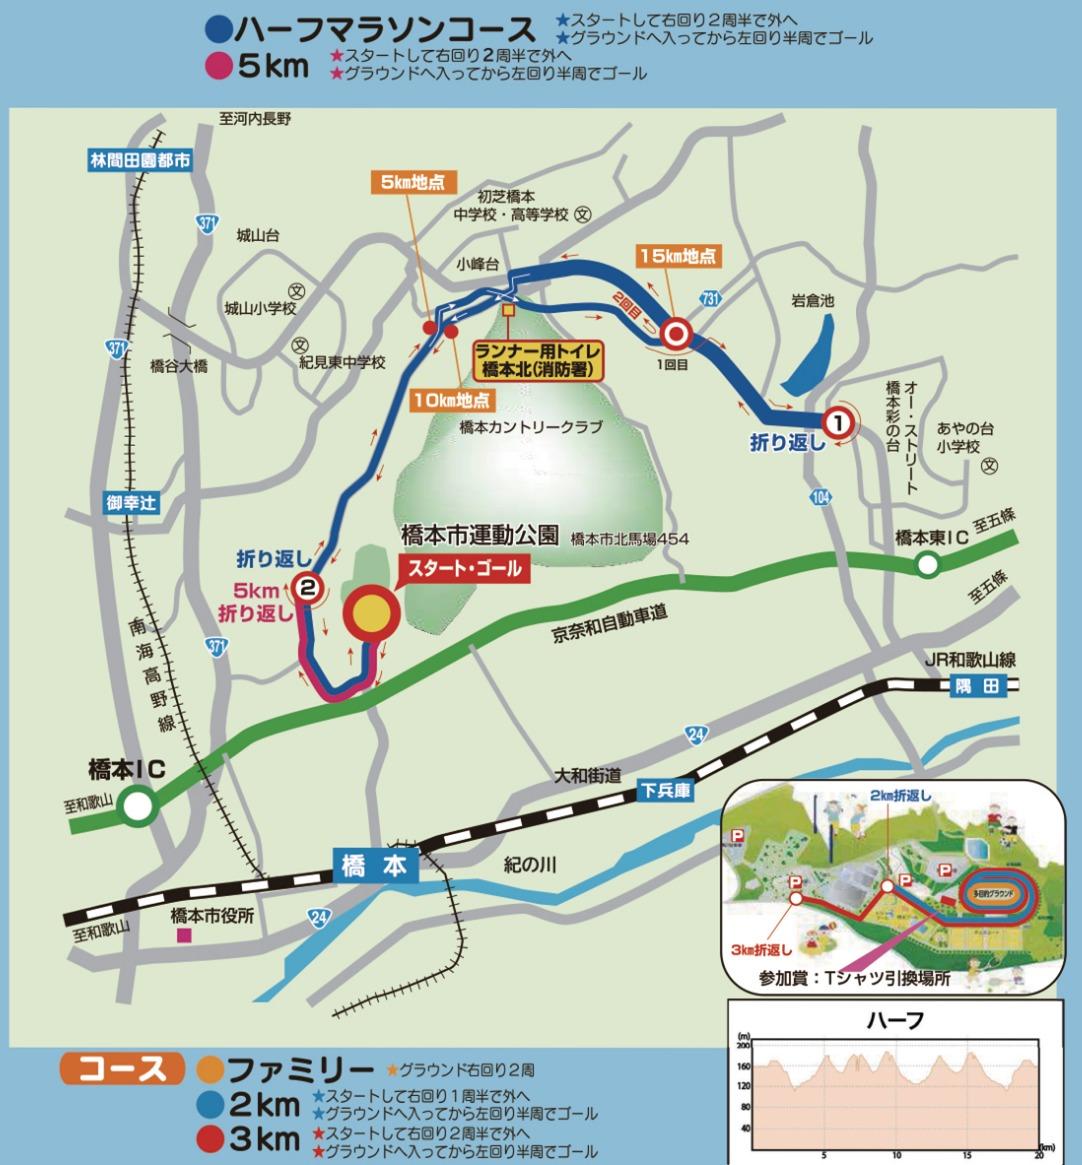 橋本マラソンコースマップ